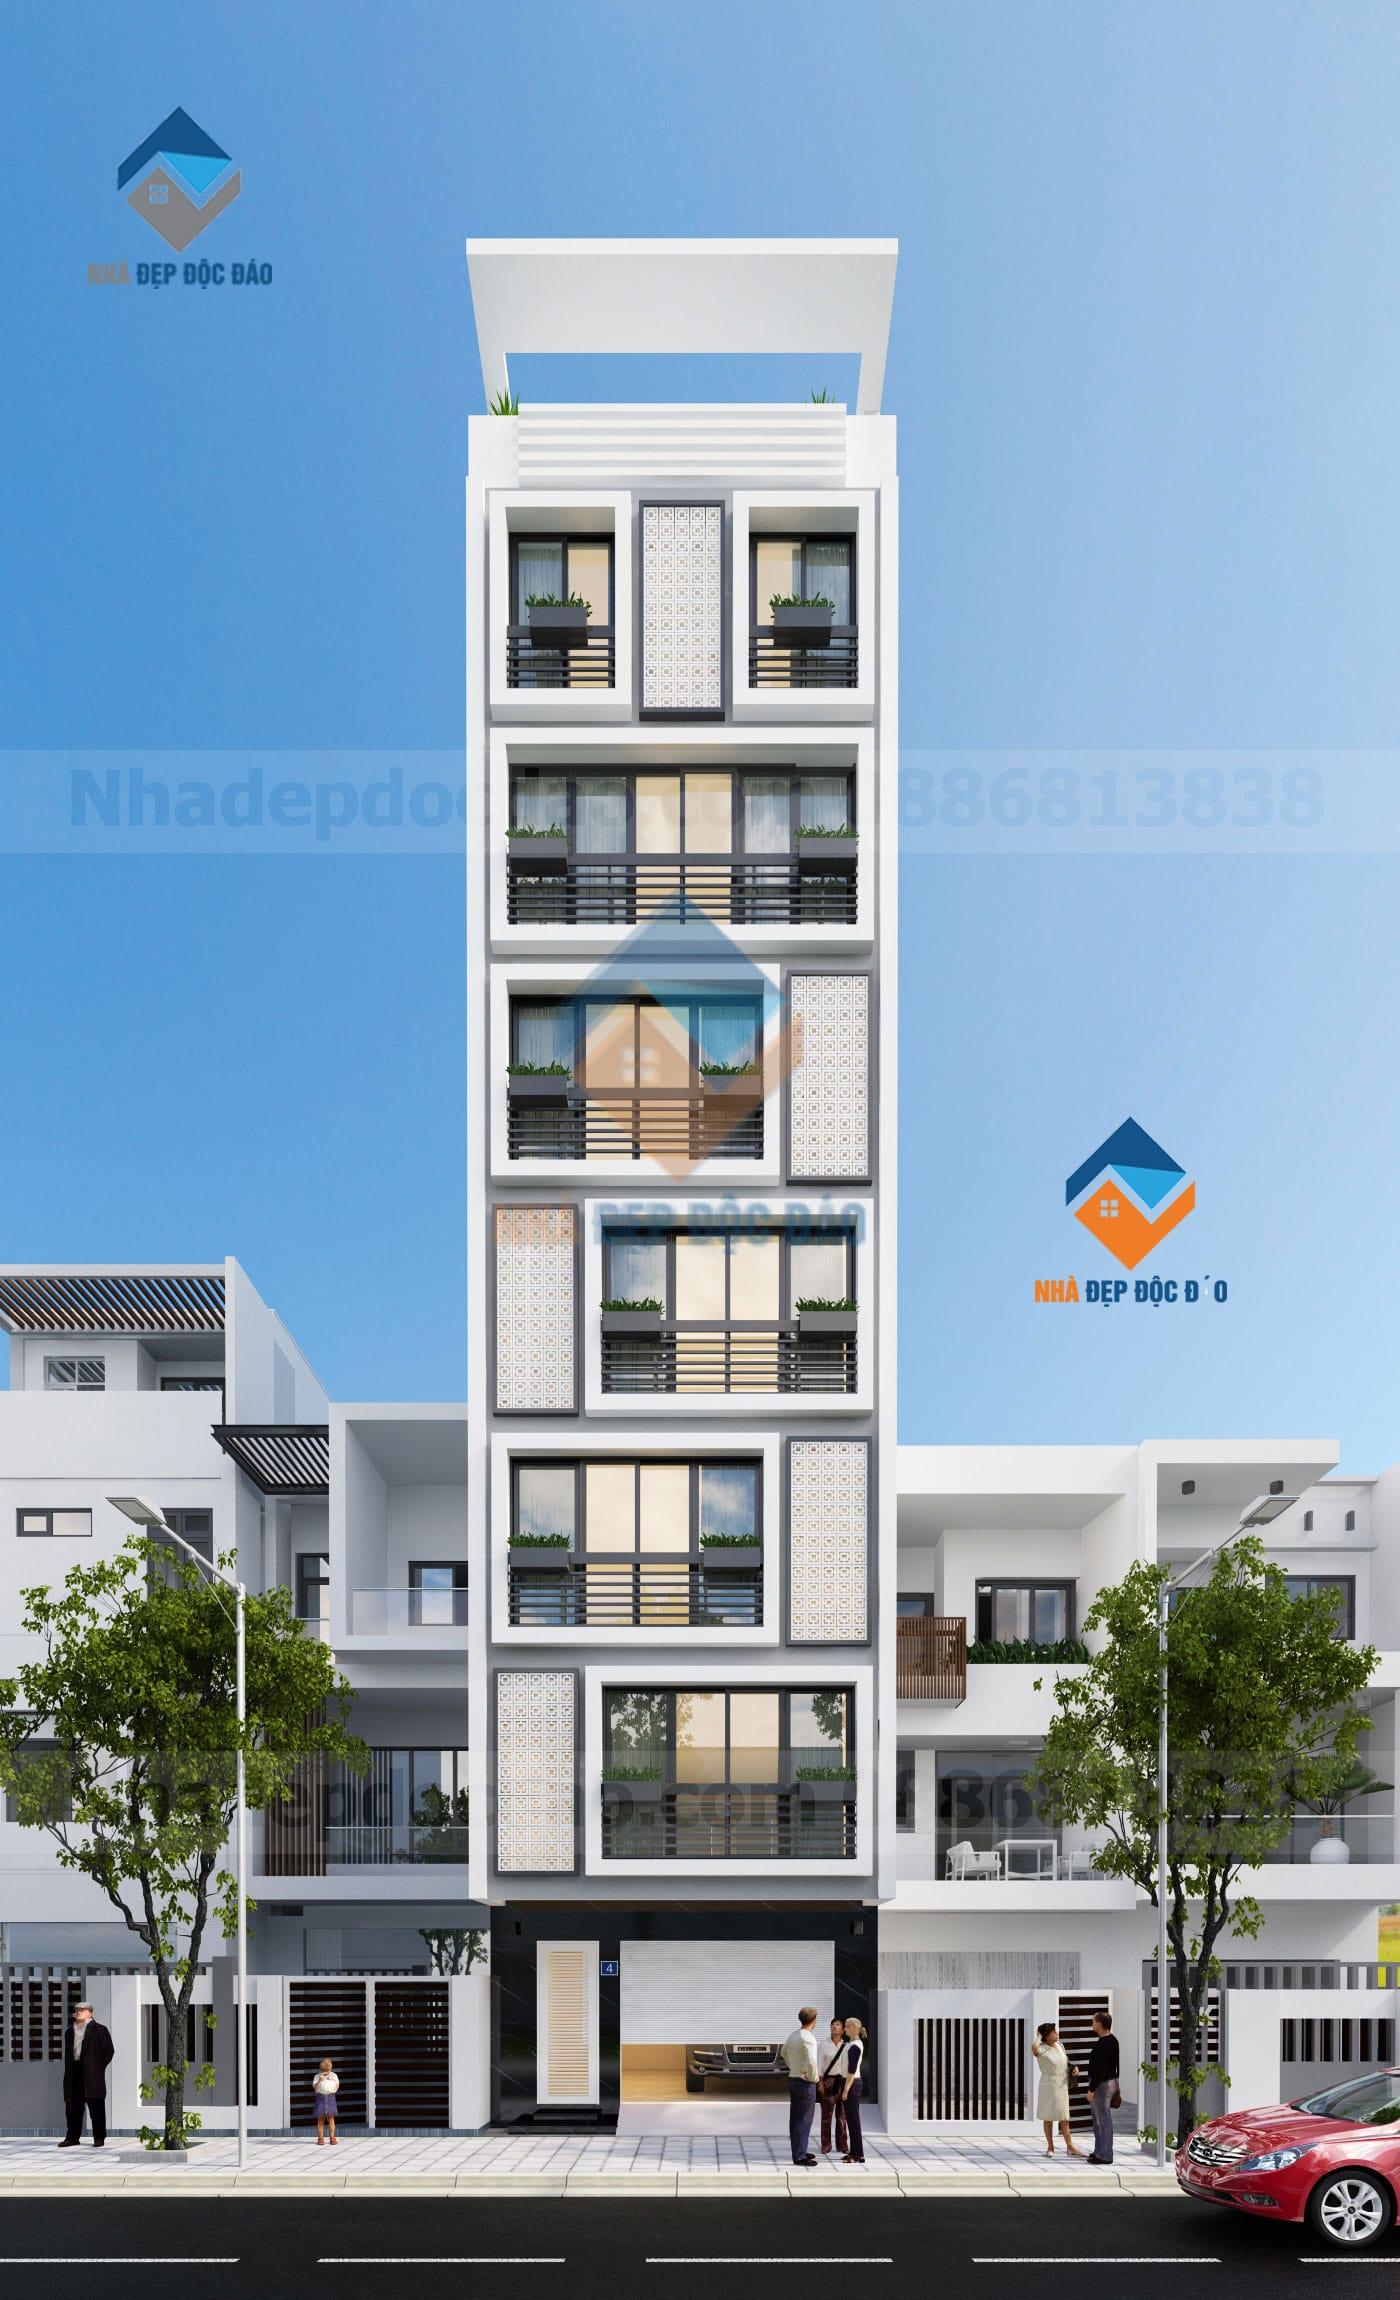 Thiết kế nhà ở kết hợp kinh doanh 7 tầng trên diện tích 85m2